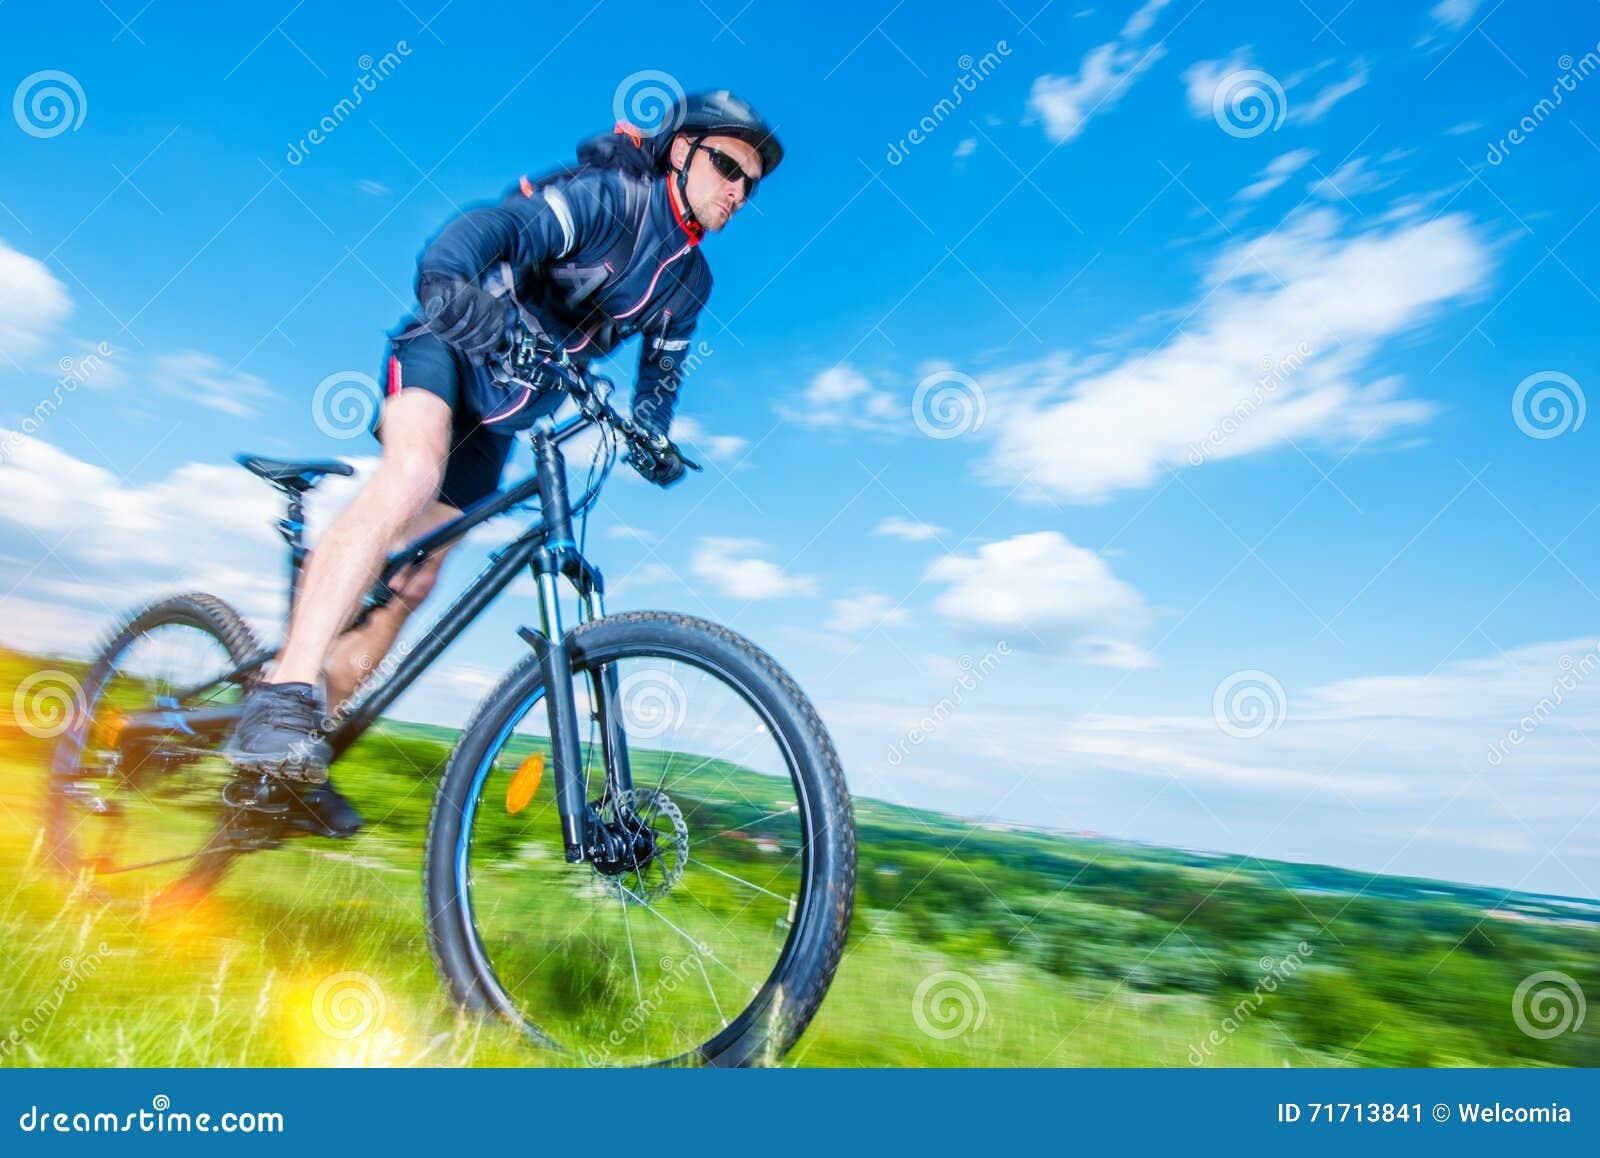 登山车车手